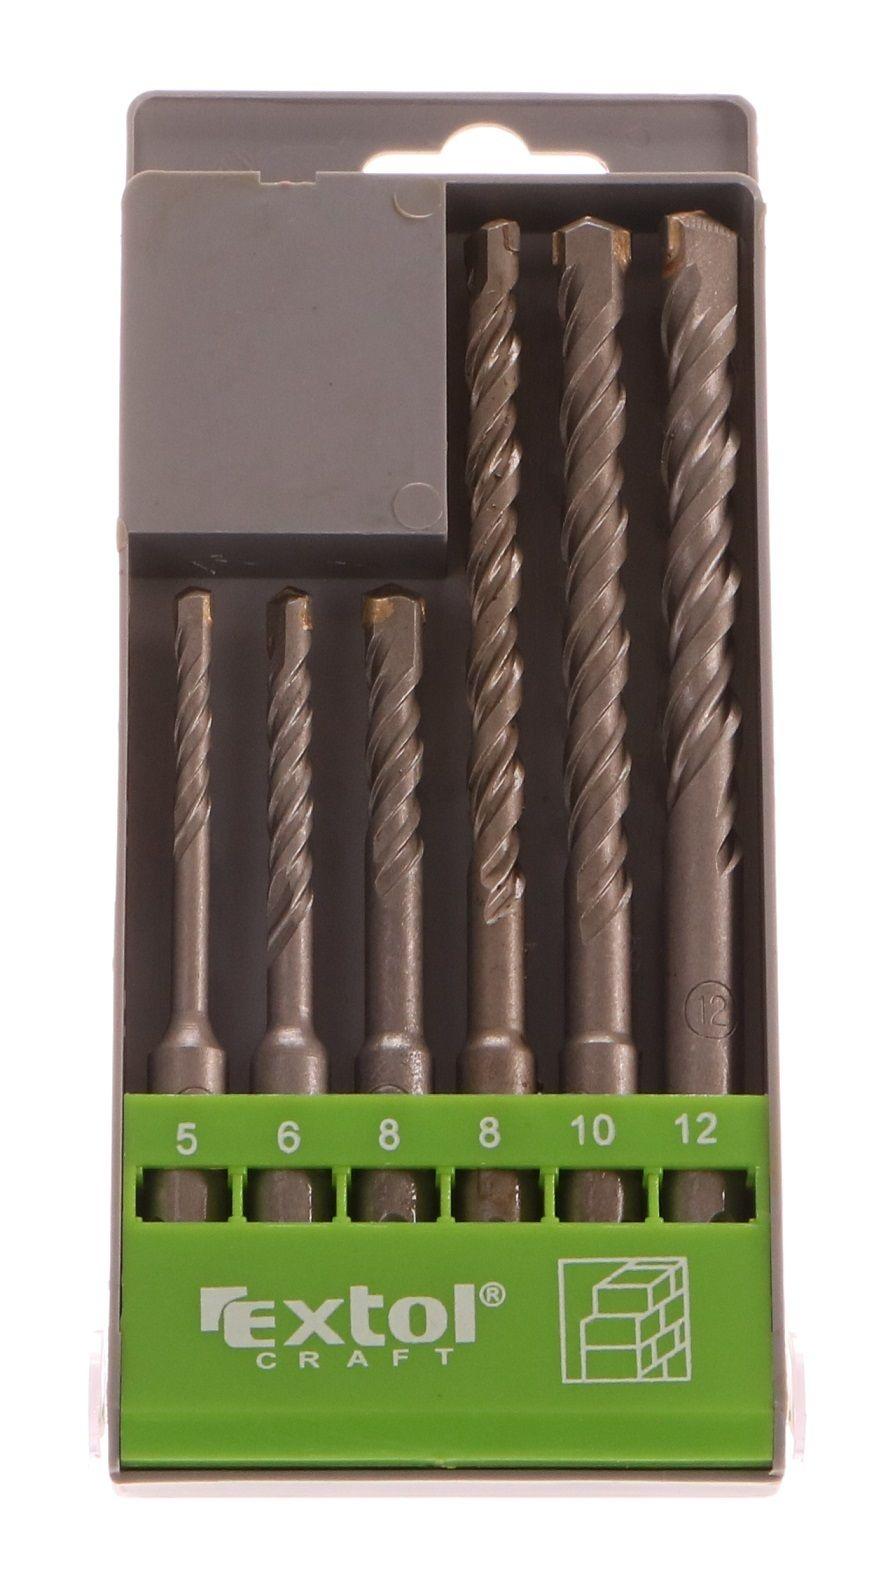 Vrtáky SDS PLUS příklepové do betonu, 6ks, Ř5-6-8x110mm, Ř8-10-12x160mm